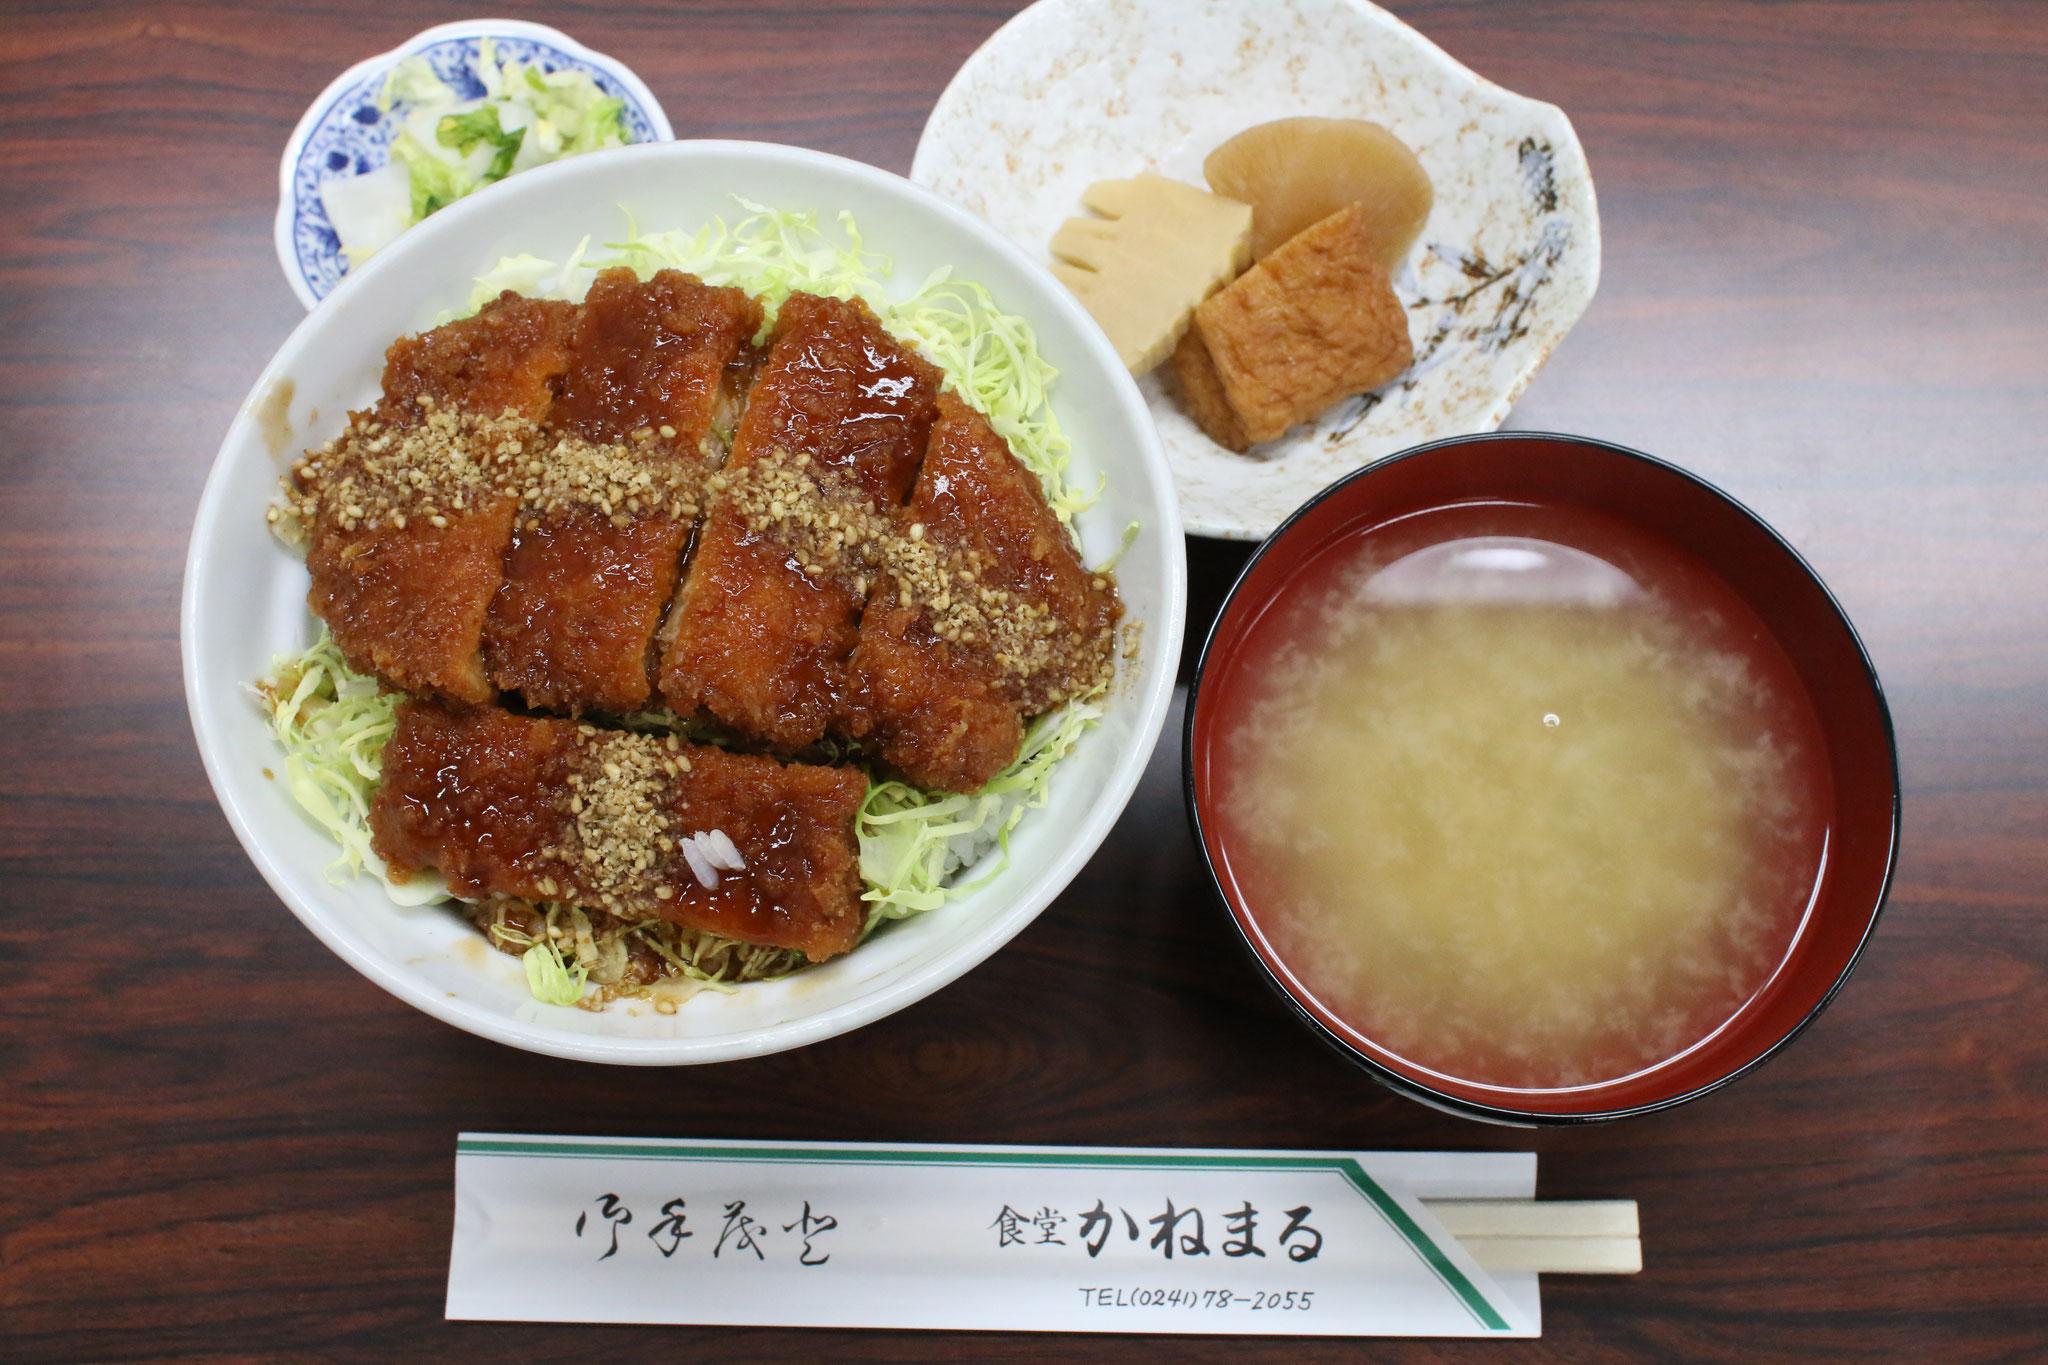 ソースカツ丼 930円(税込)